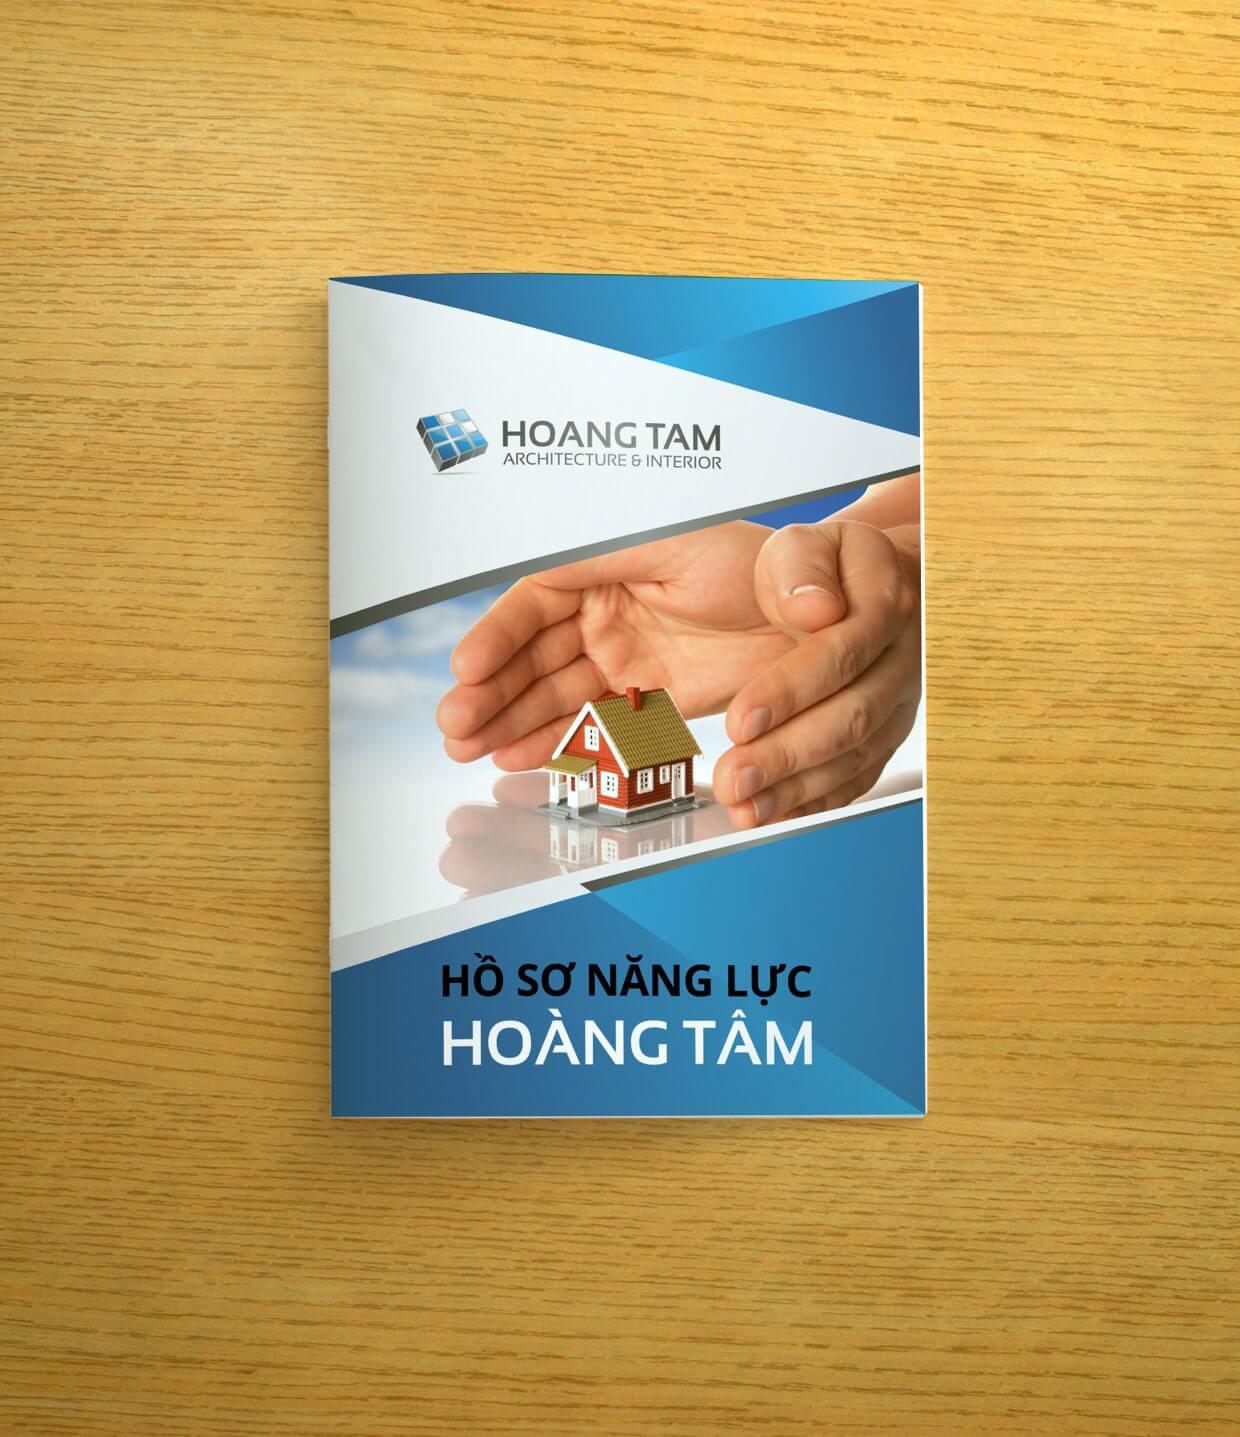 ff4fc7778bc4e29b85d3e7ee6919a74b - Hoàng Tâm Architecture